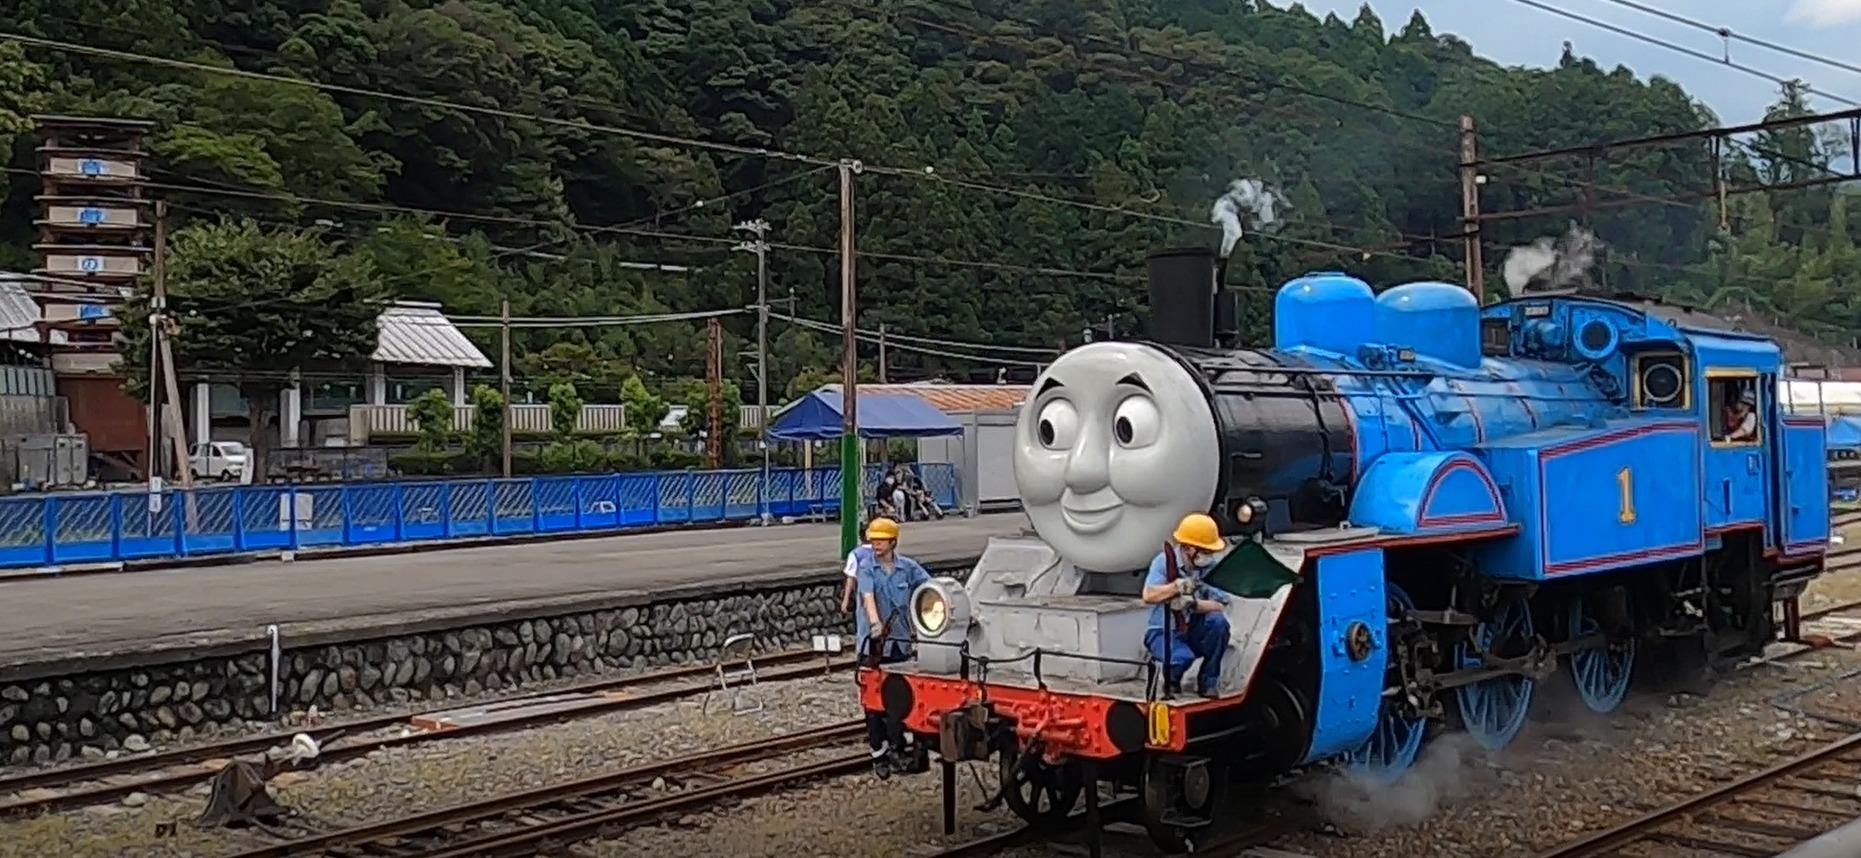 【大井川鉄道】SLトーマス運転区間を新金谷~家山に短縮して2020年最終日まで「往復乗車」で運転へ イベントも一部変更